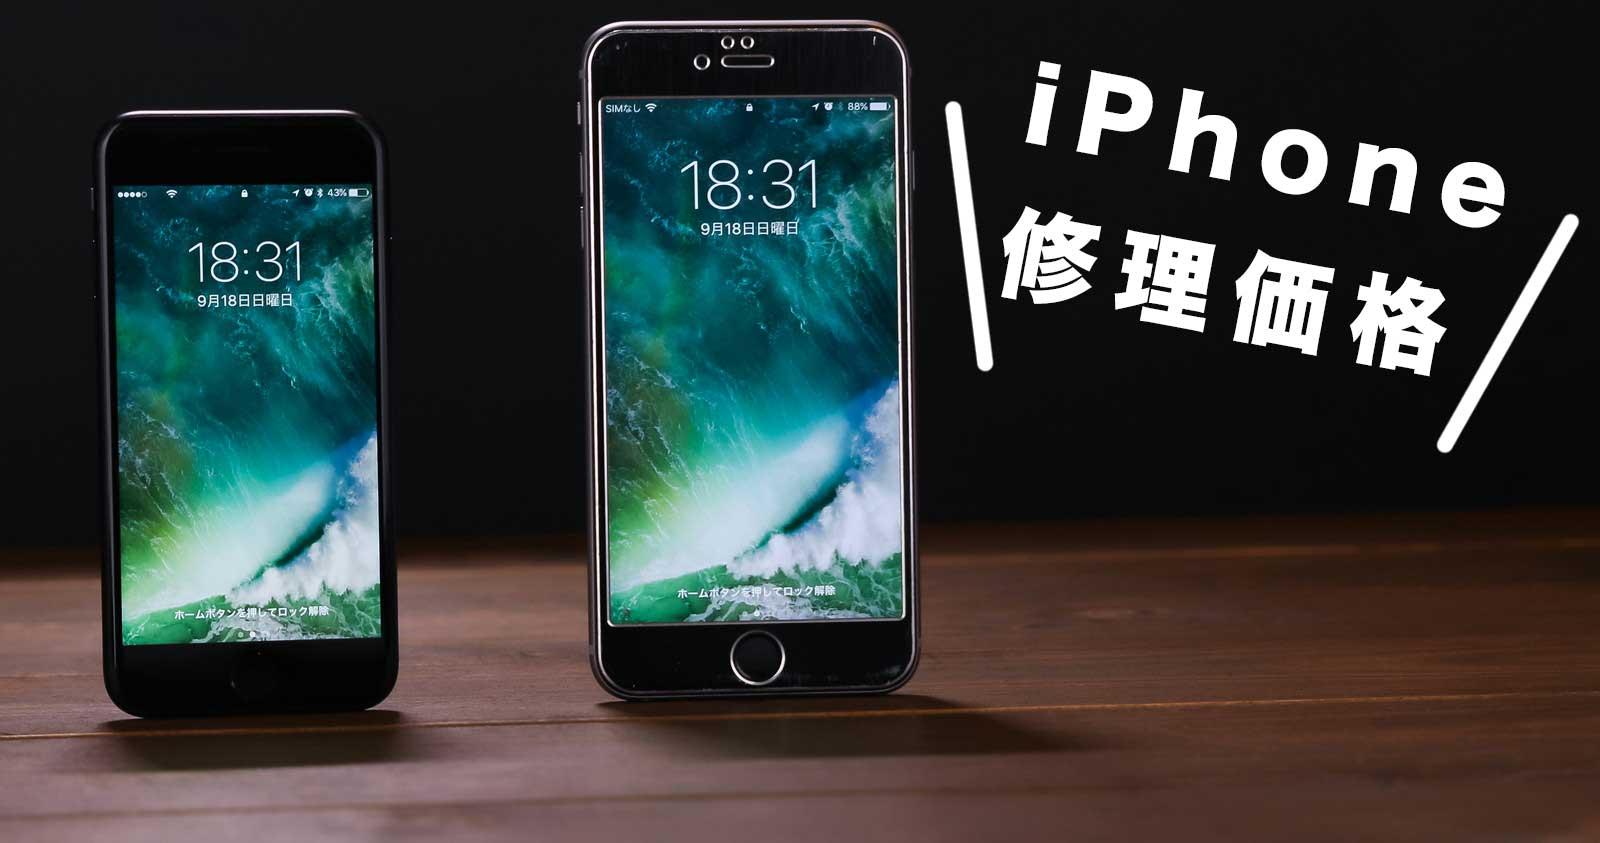 納得のiPhone修理価格をまとめてみました